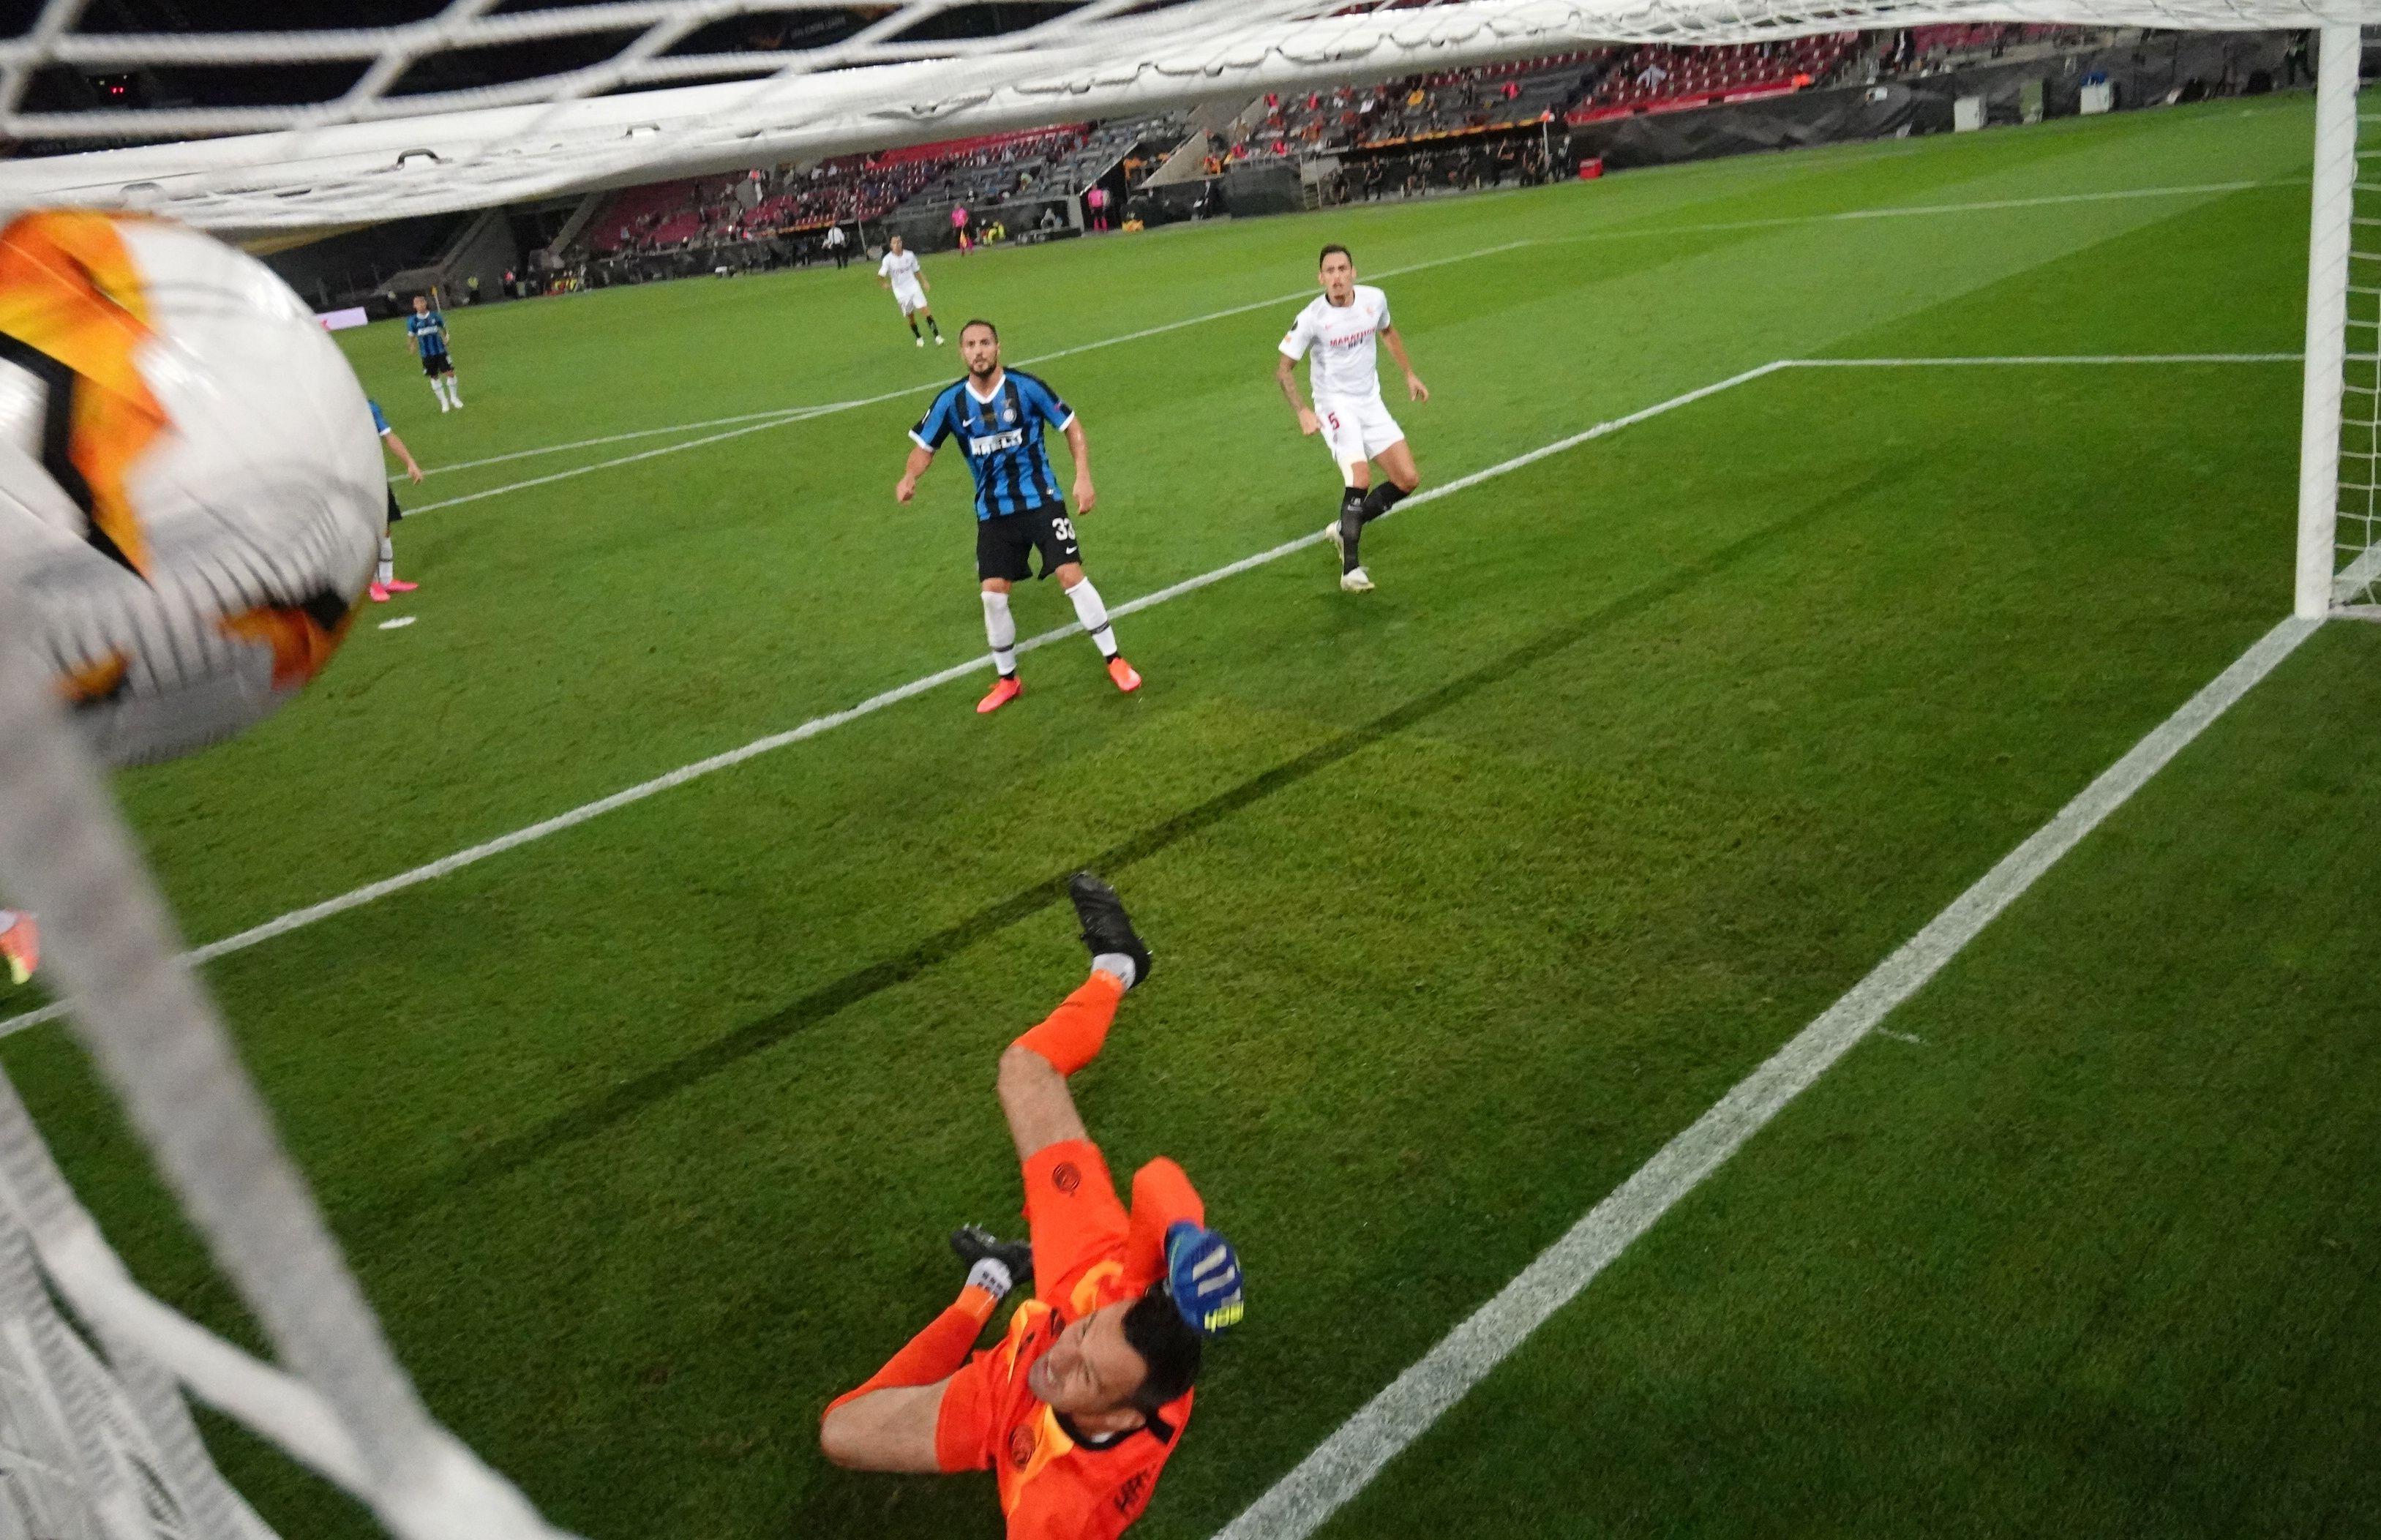 Sevilla 6. kez Avrupa Ligi ni kazandı #2